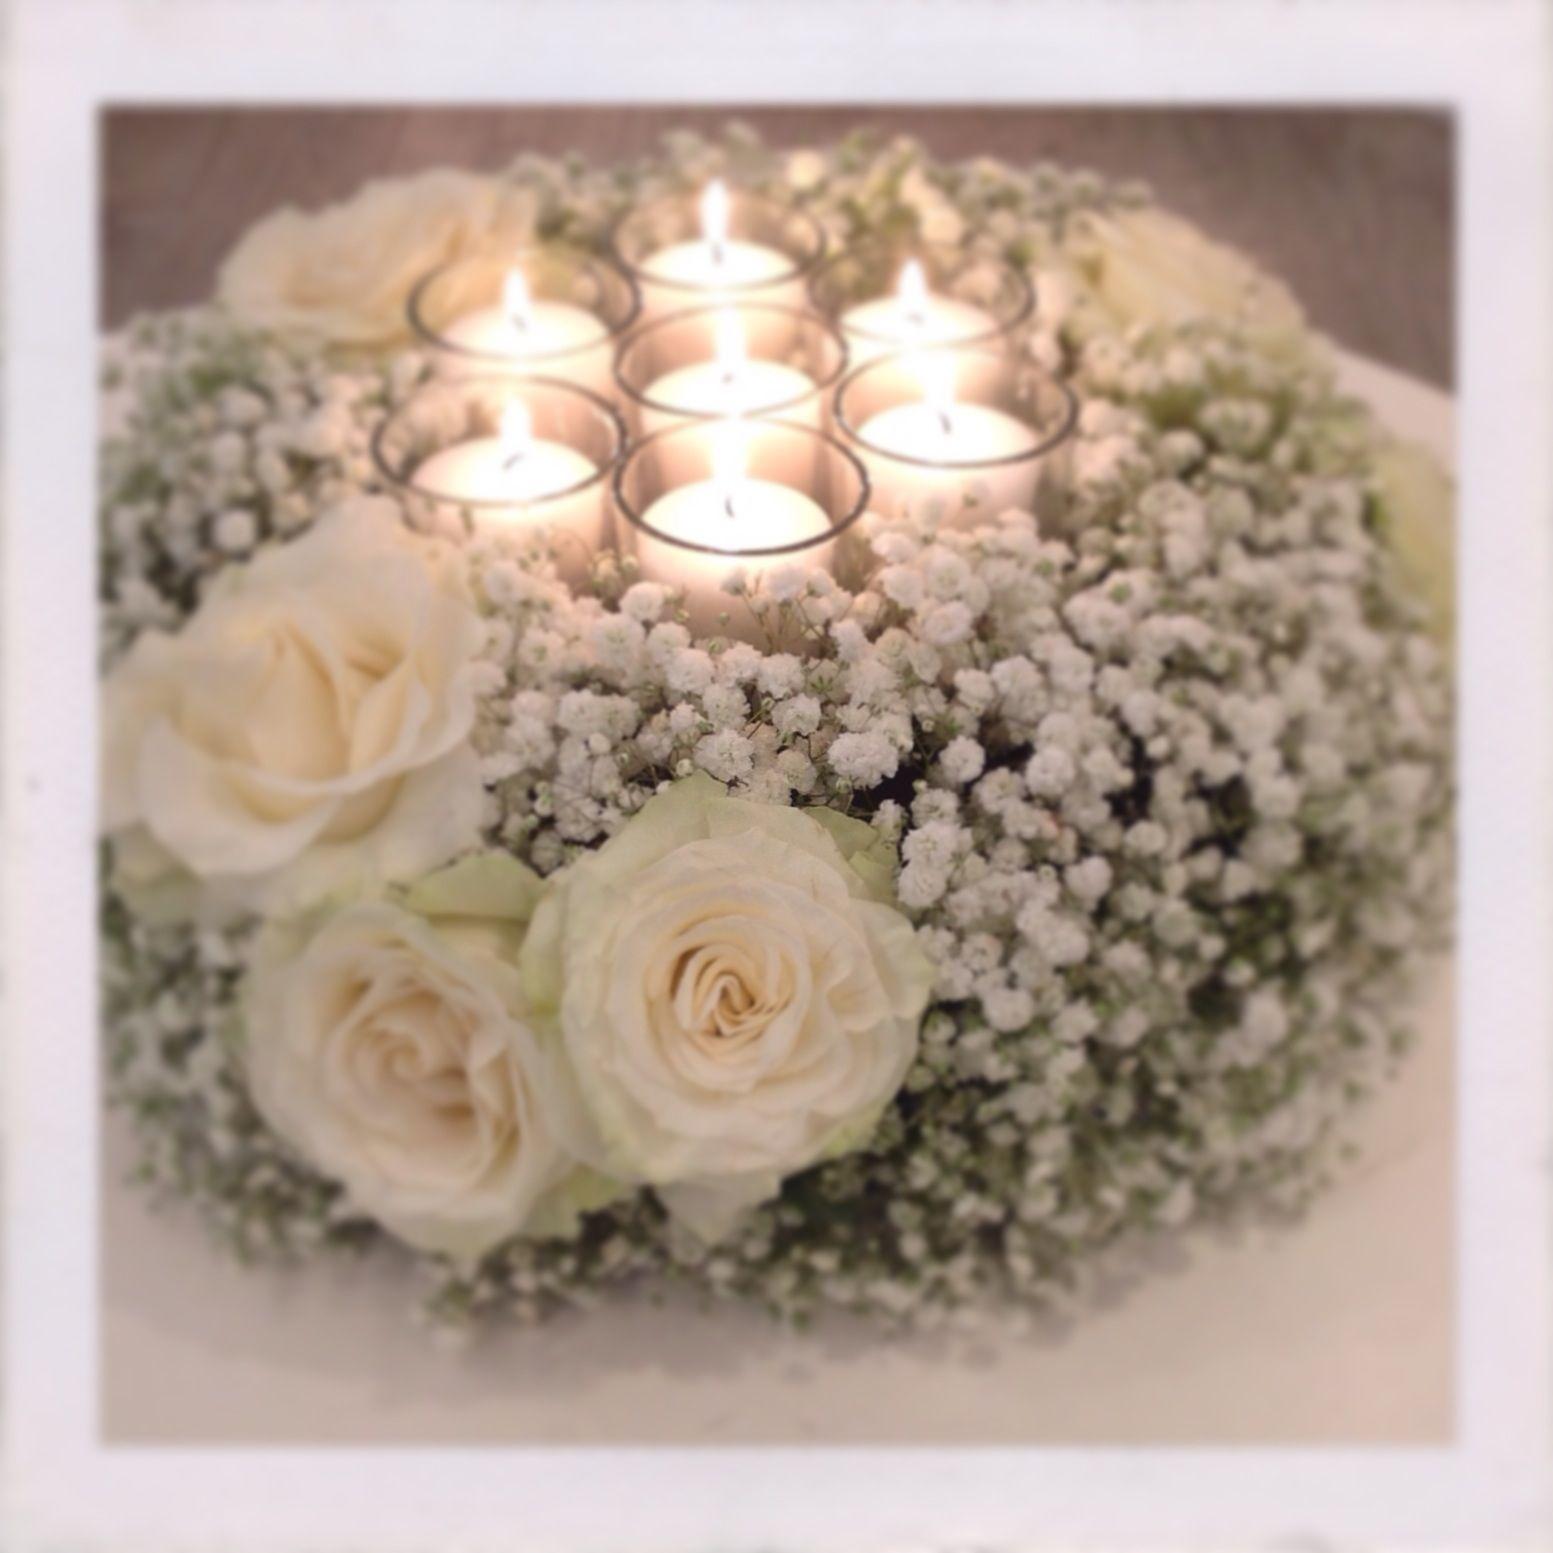 Las Velas Rodeadas Con Flores Nos Ayudara A Construir Un Centro De Mesa Romantico Y Especial Event Centrotavola Matrimoniali Centrotavola Decorazioni Nuziali